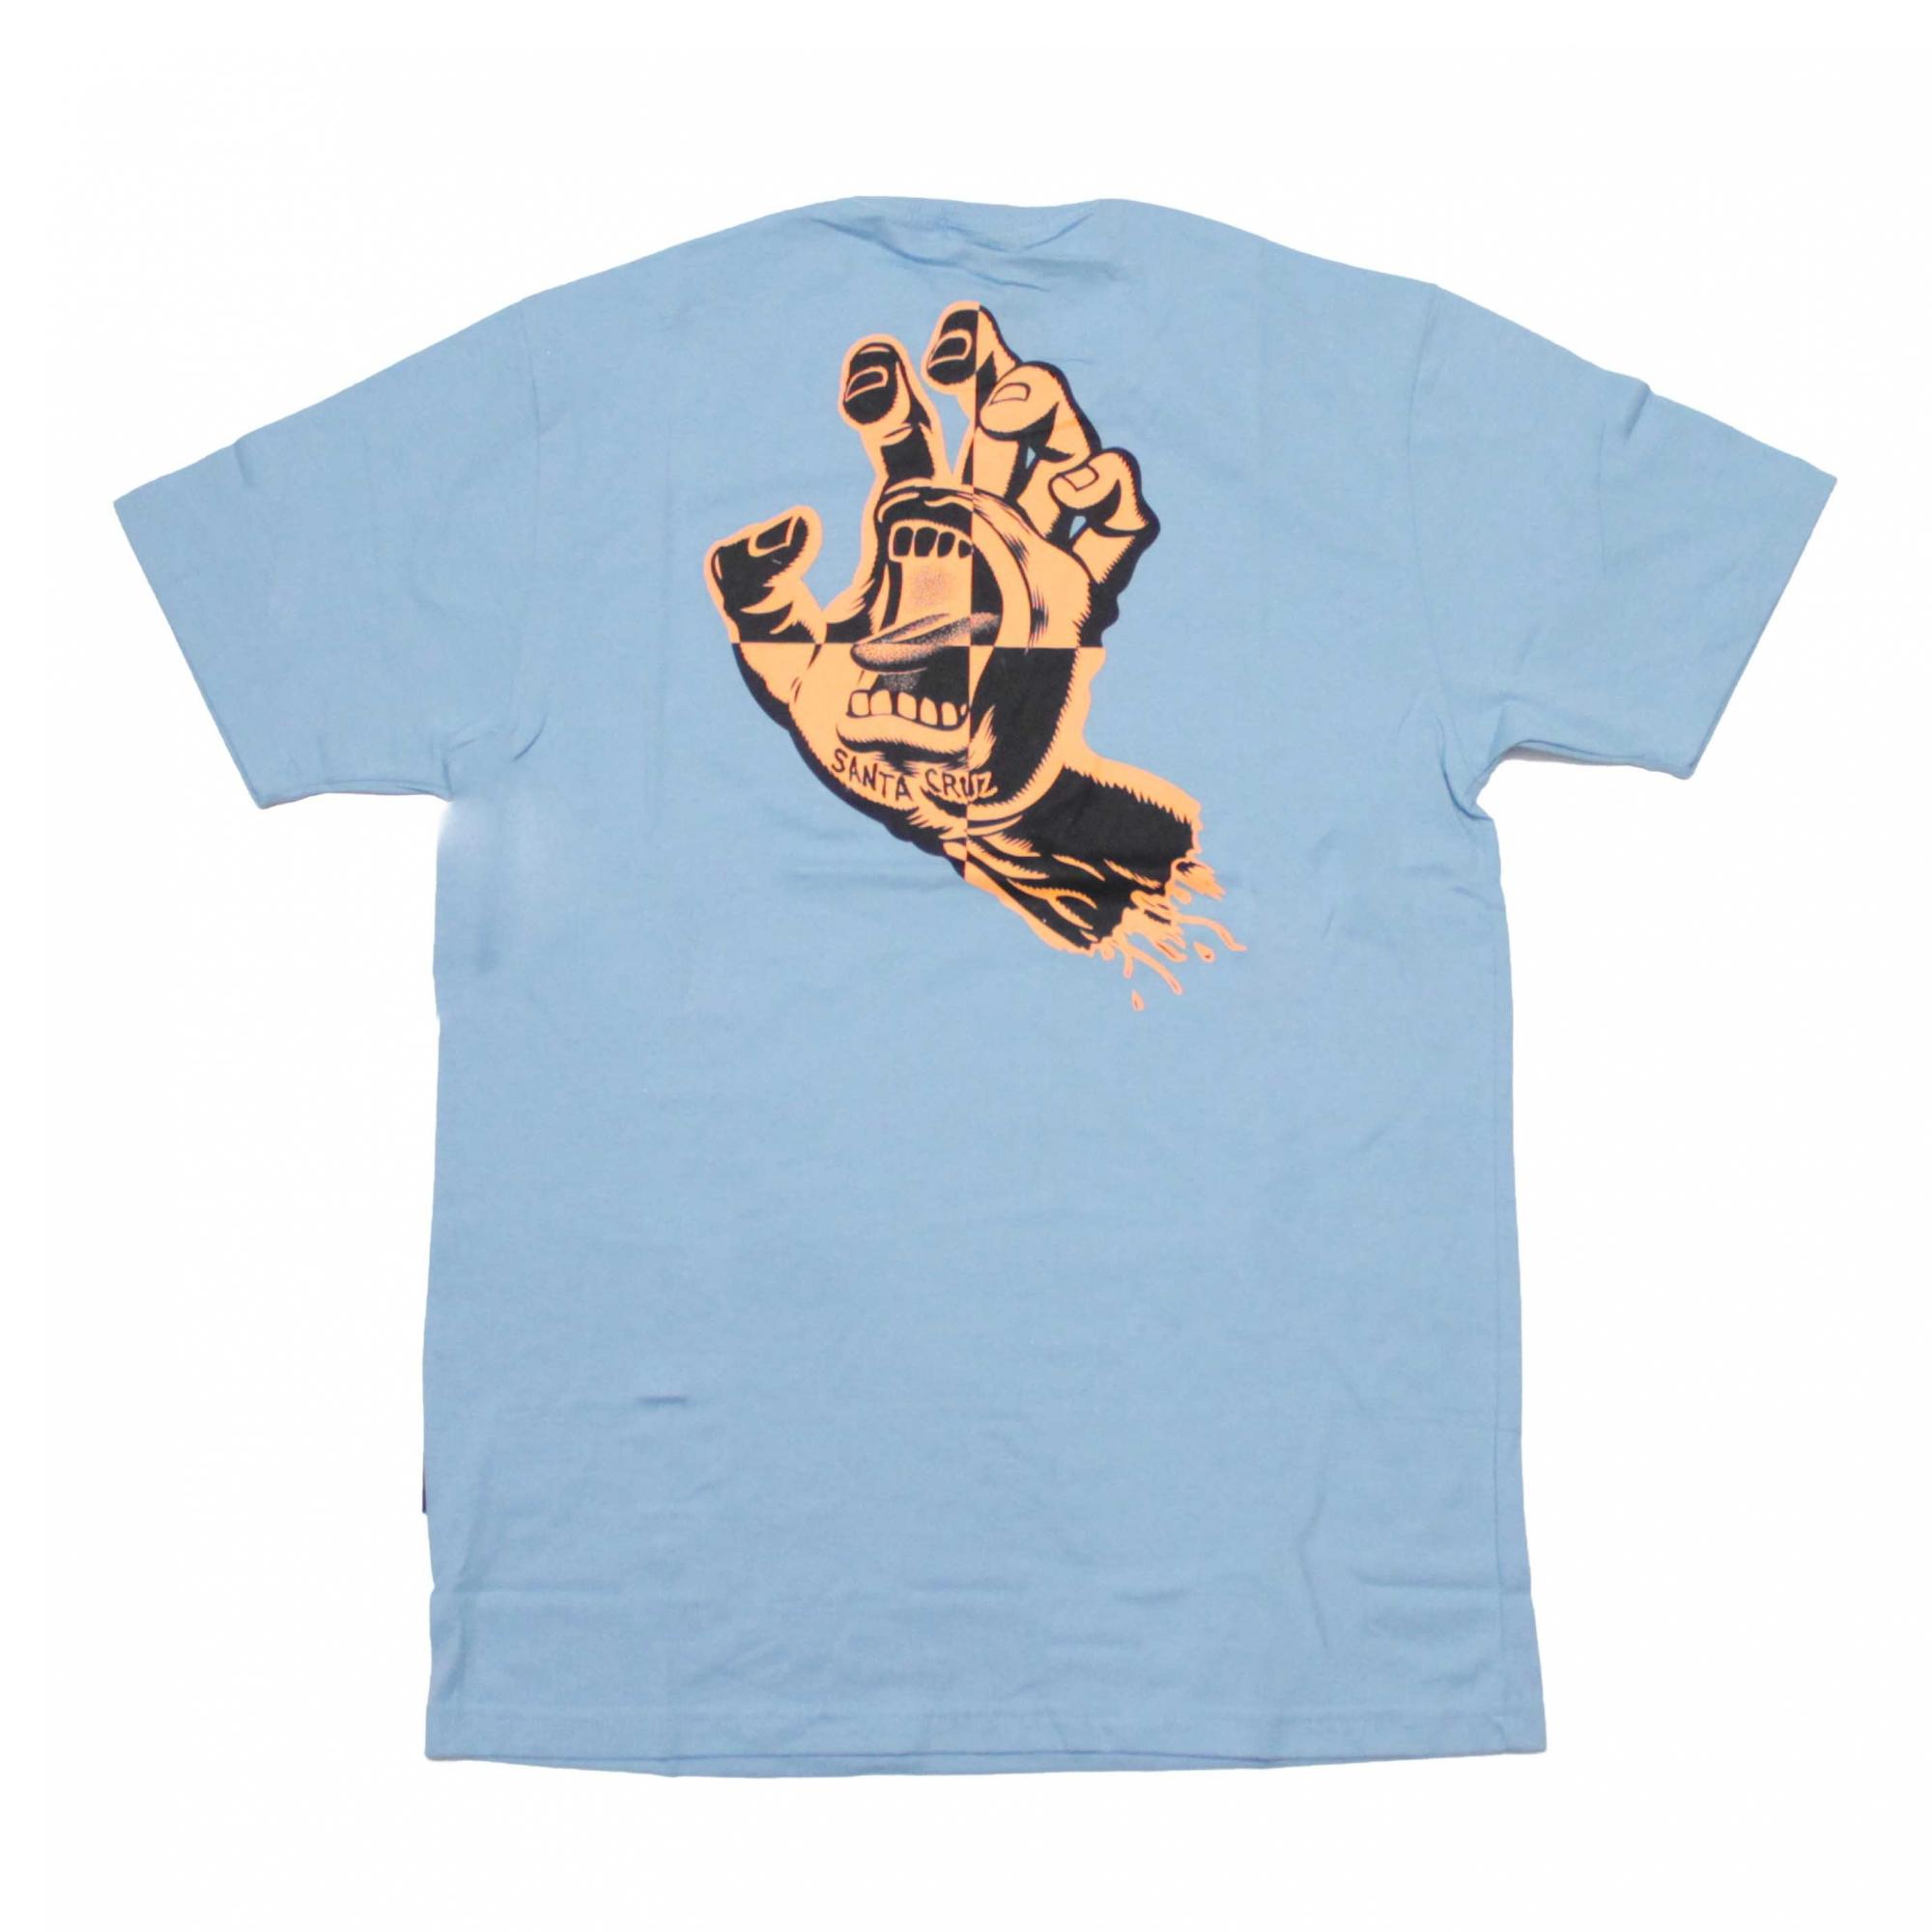 Camiseta Santa Cruz Crash Hand - Azul Claro